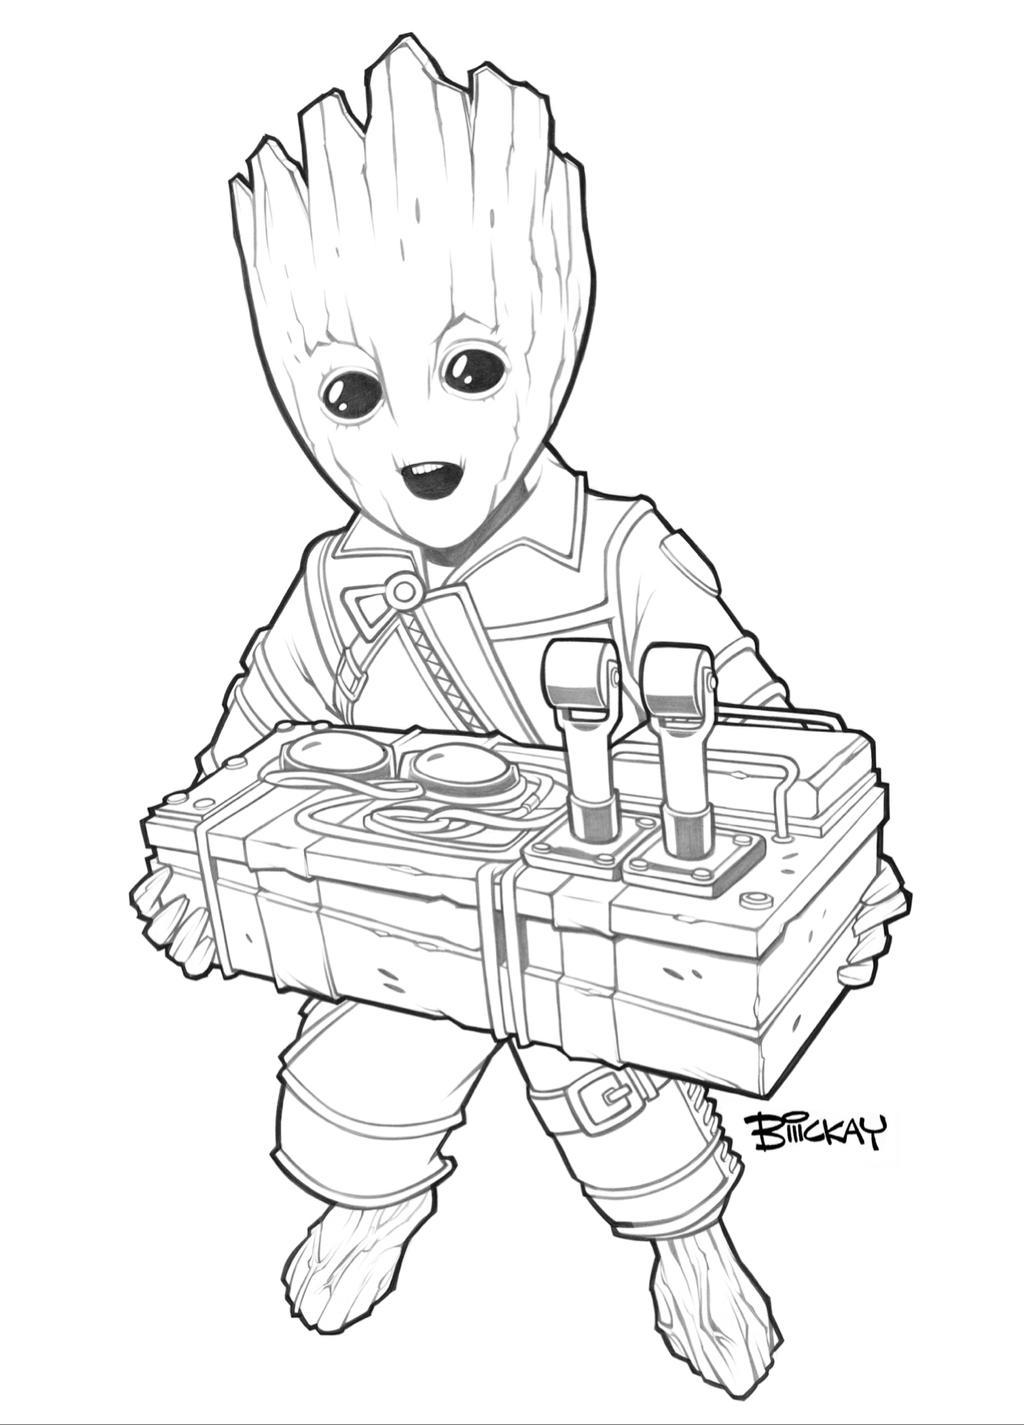 Baby Groot Badge Art Lines by BillMcKay on DeviantArt